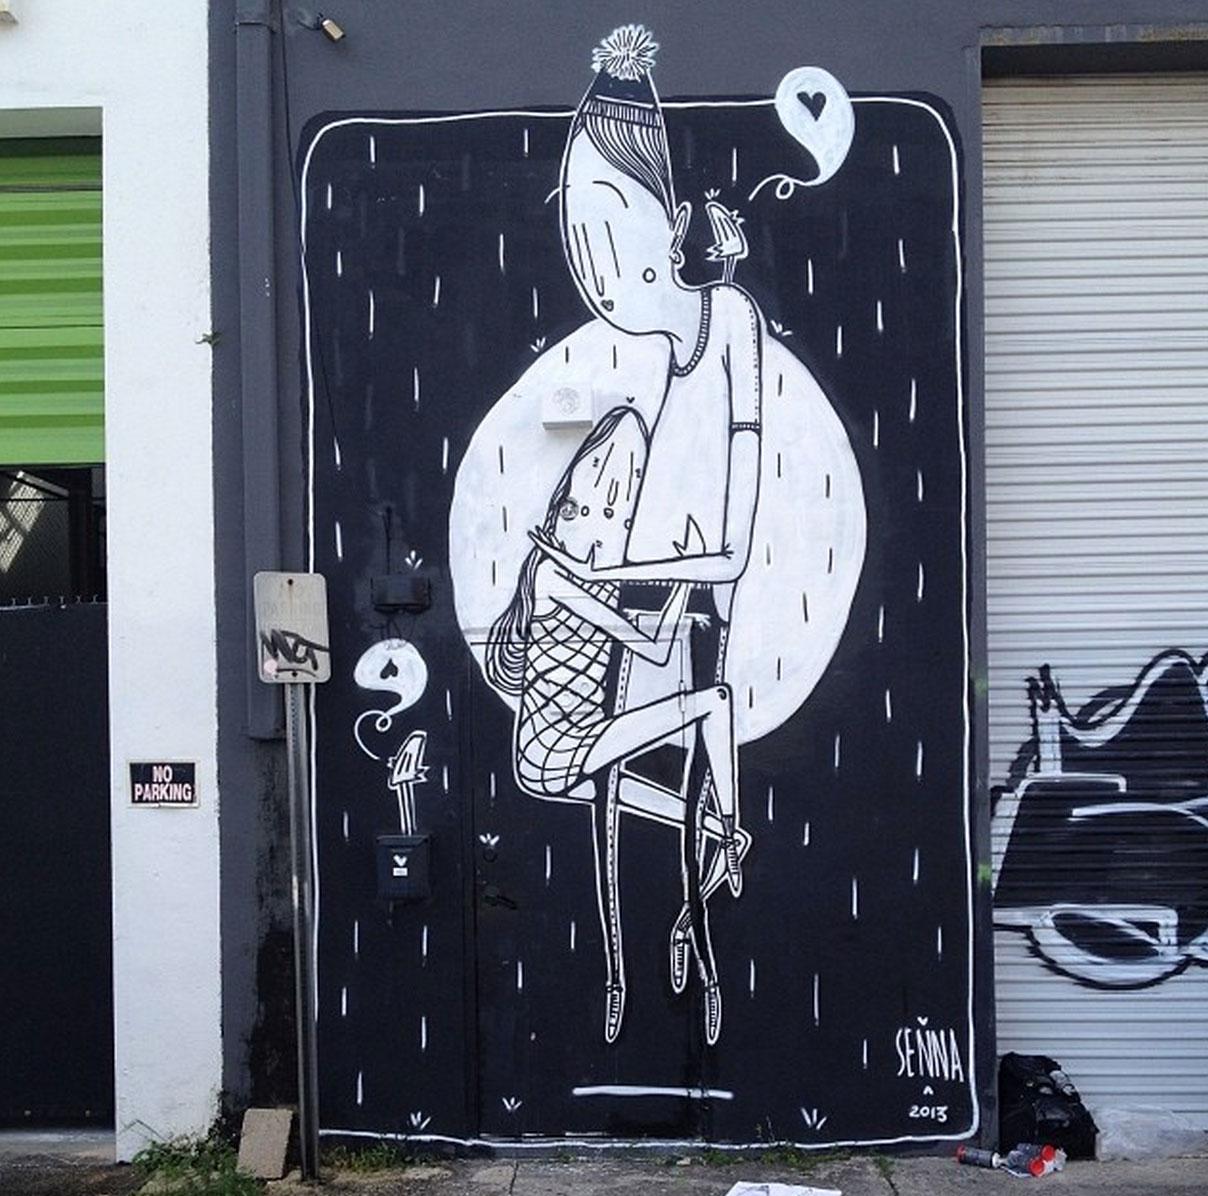 La street art romantica di Alex Senna | Collater.al 2